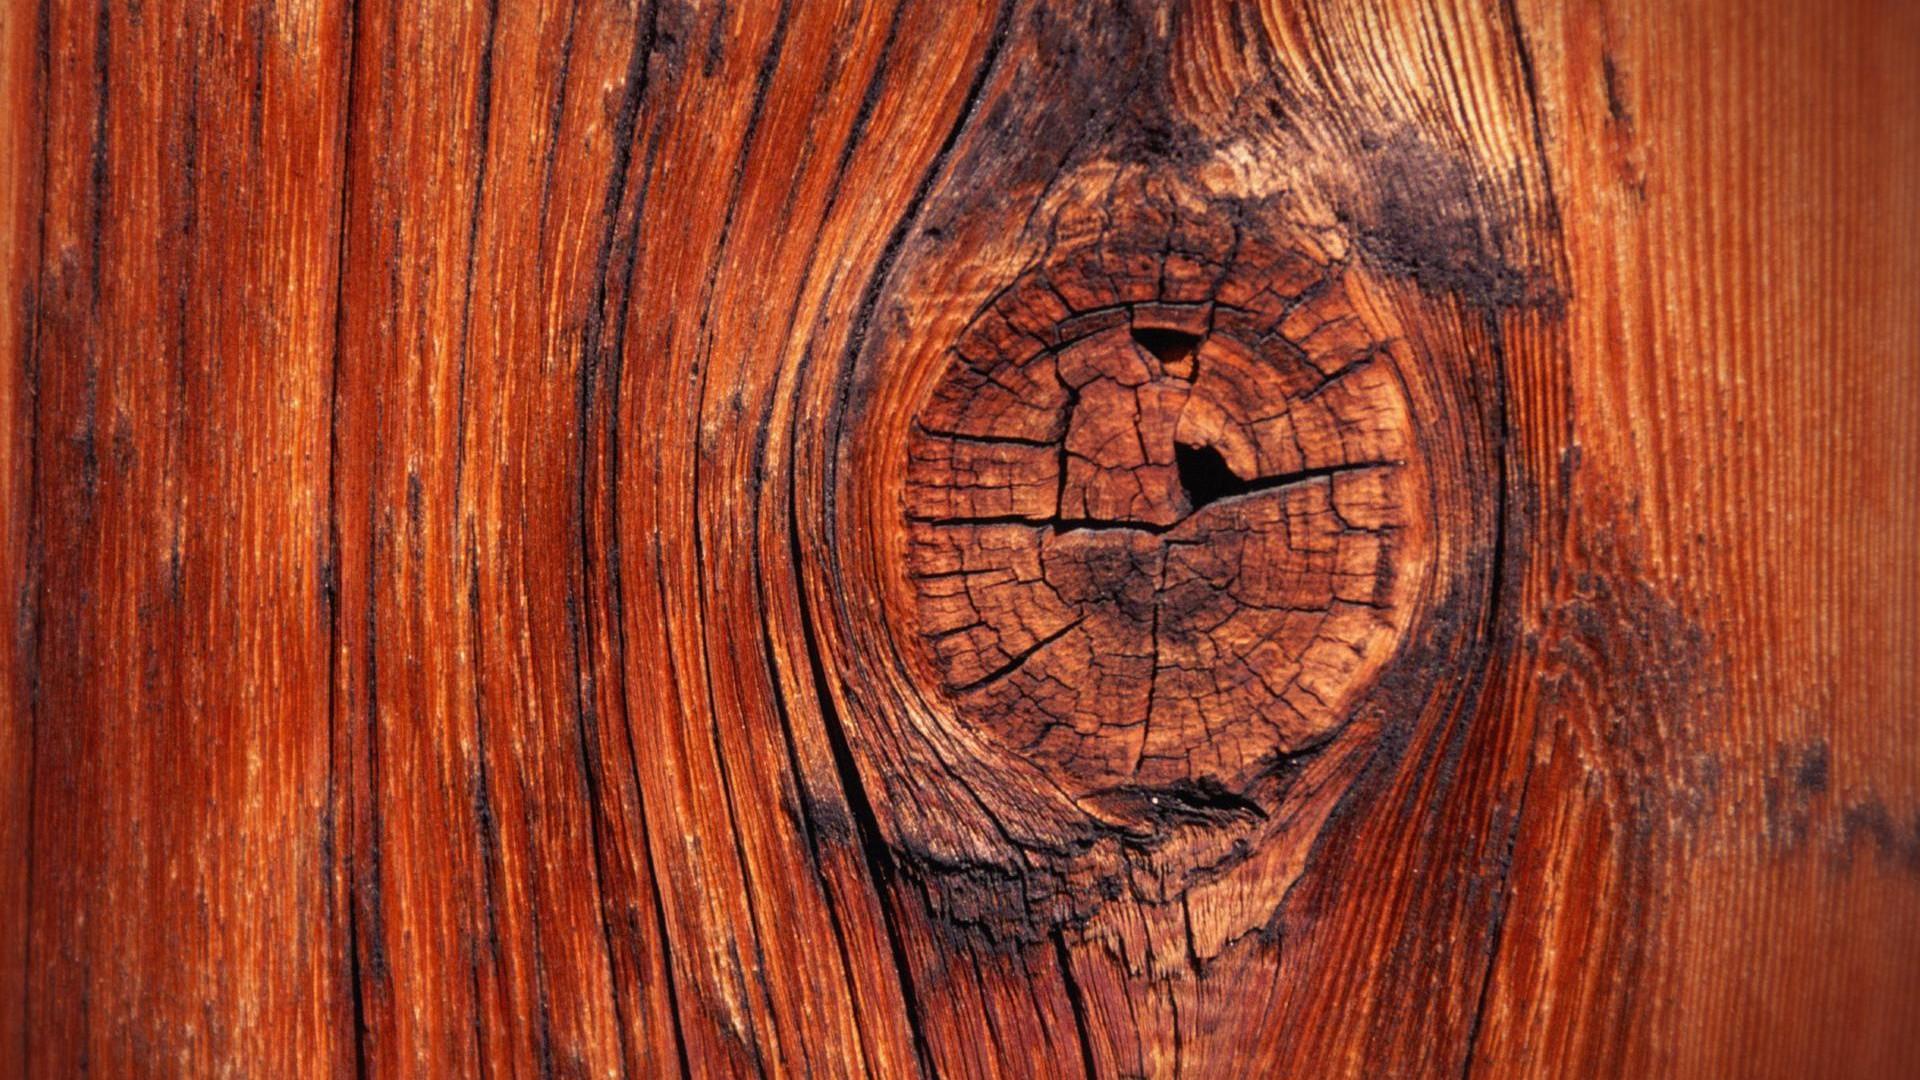 Wood Grain Wallpaper HD ·â'